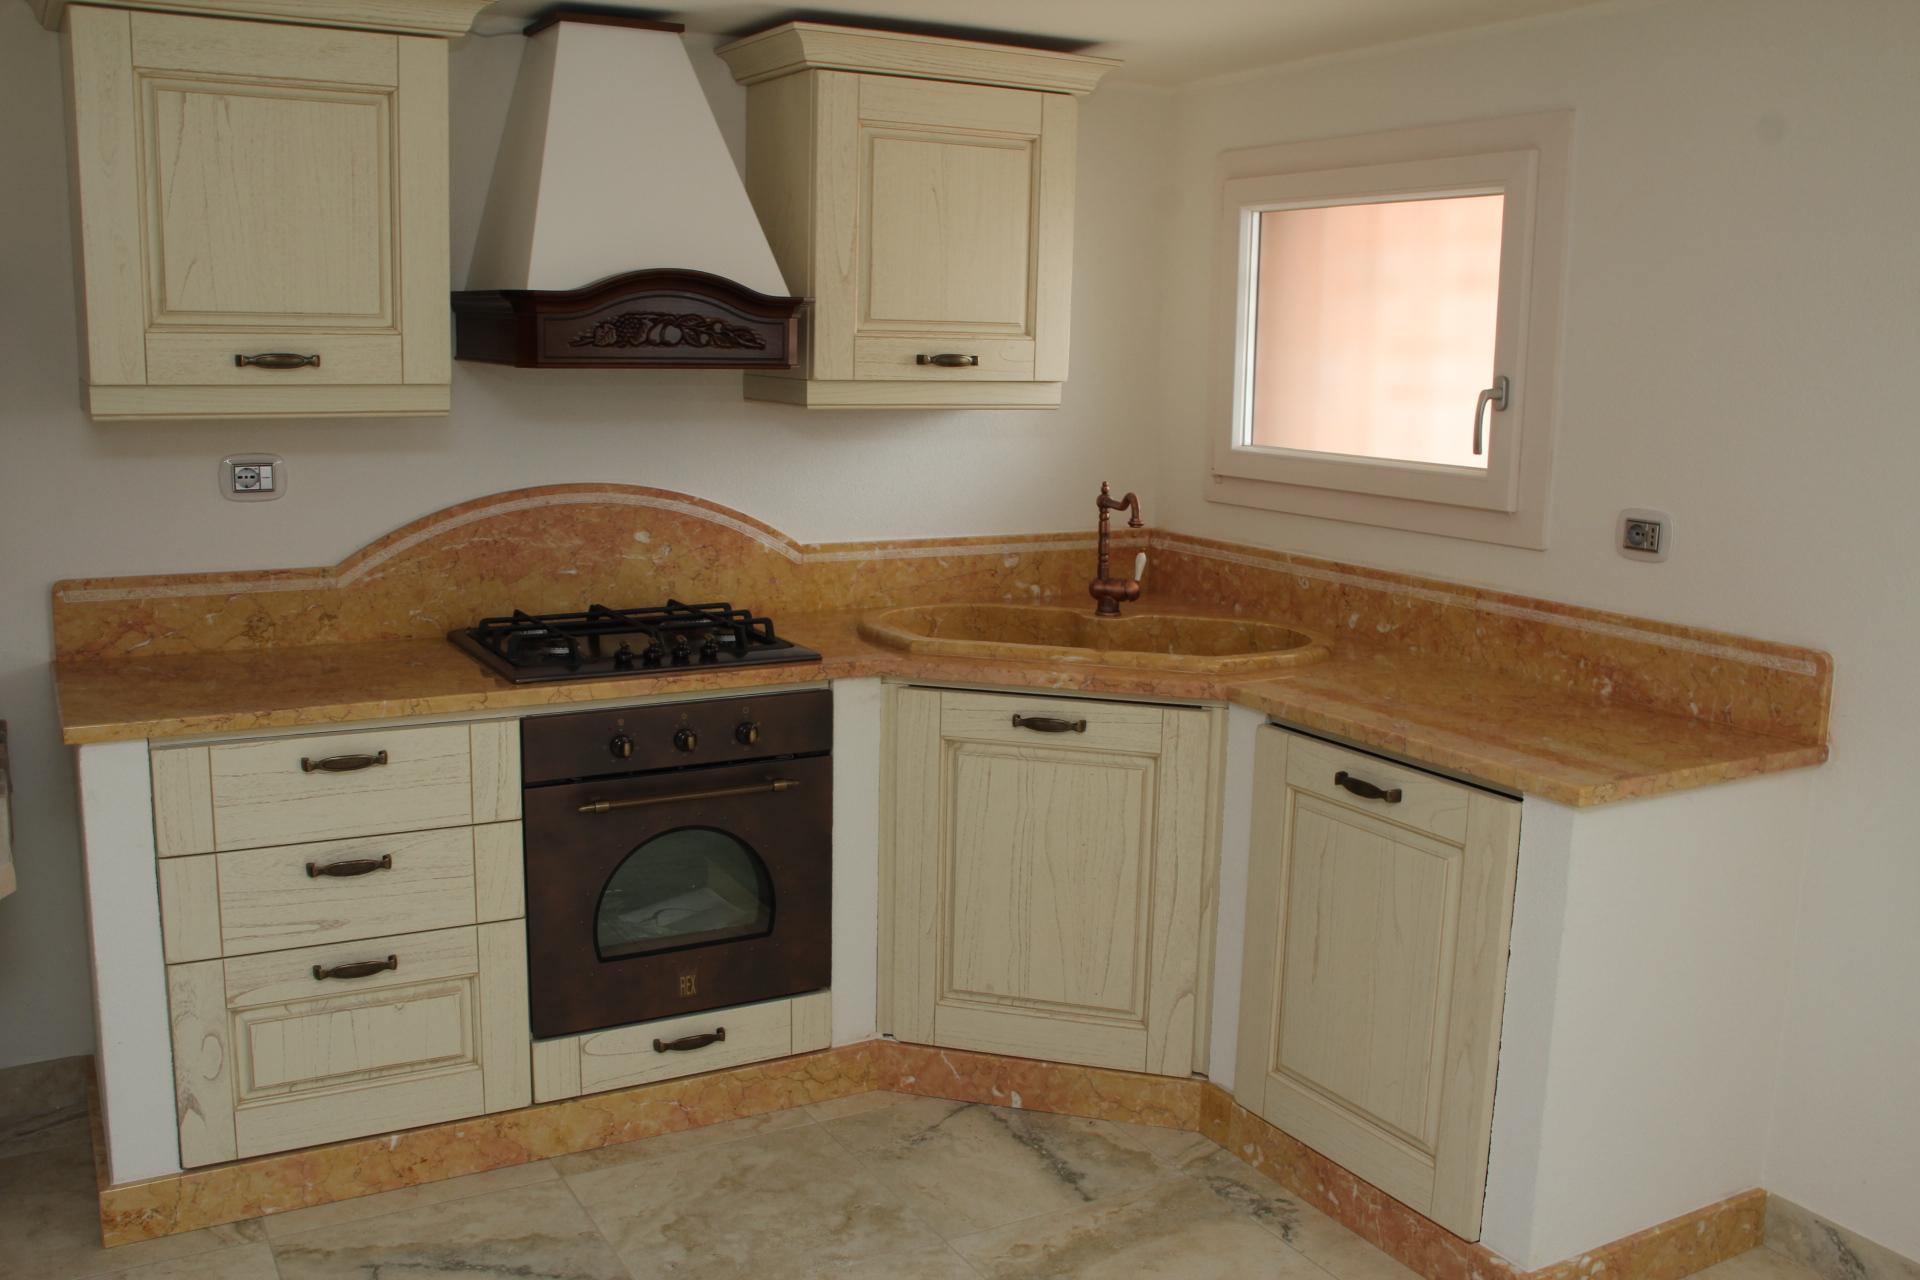 Foto piani di cucina in marmo e pietra vendute a prezzi affare - Foto di cucine ...